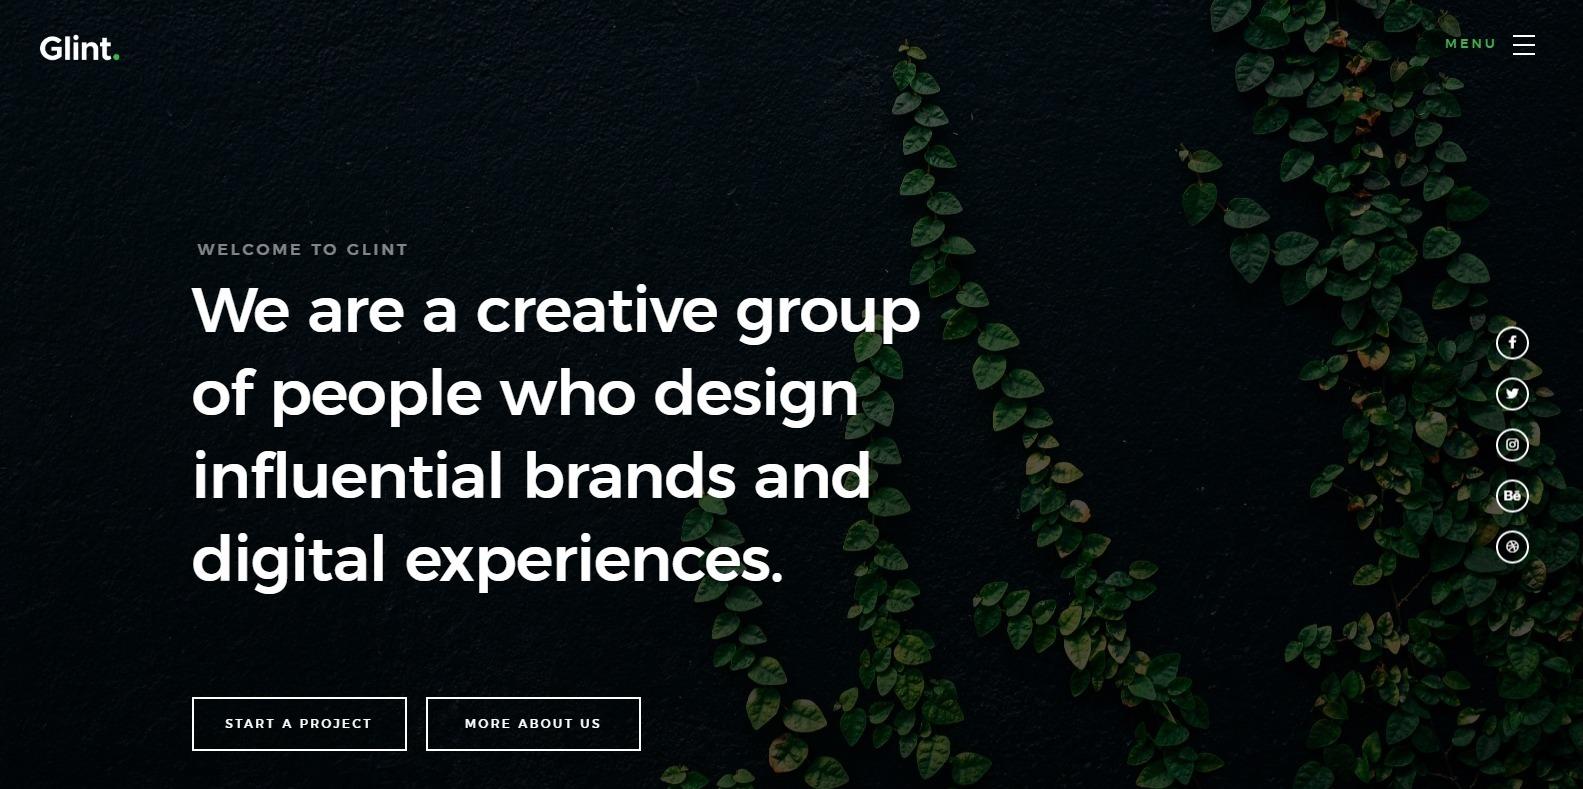 glint-best-website-templates